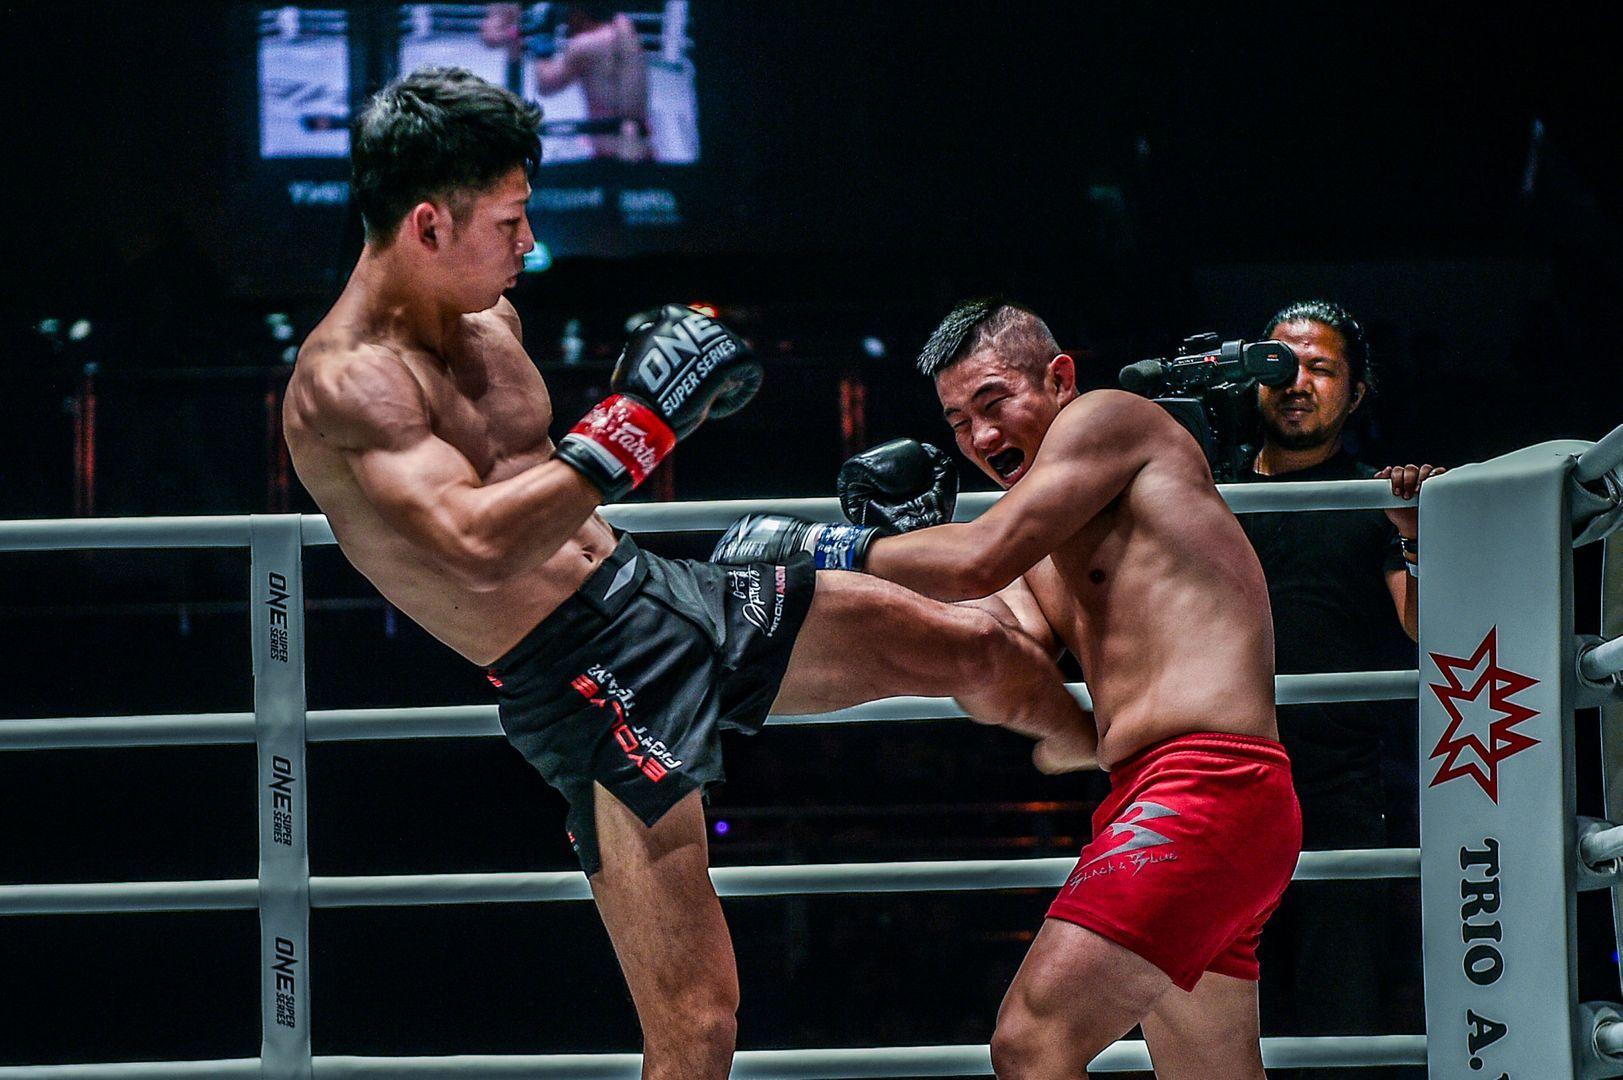 Hiroki Akimoto defeats Kenny Tse at ONE: MASTERS OF DESTINY